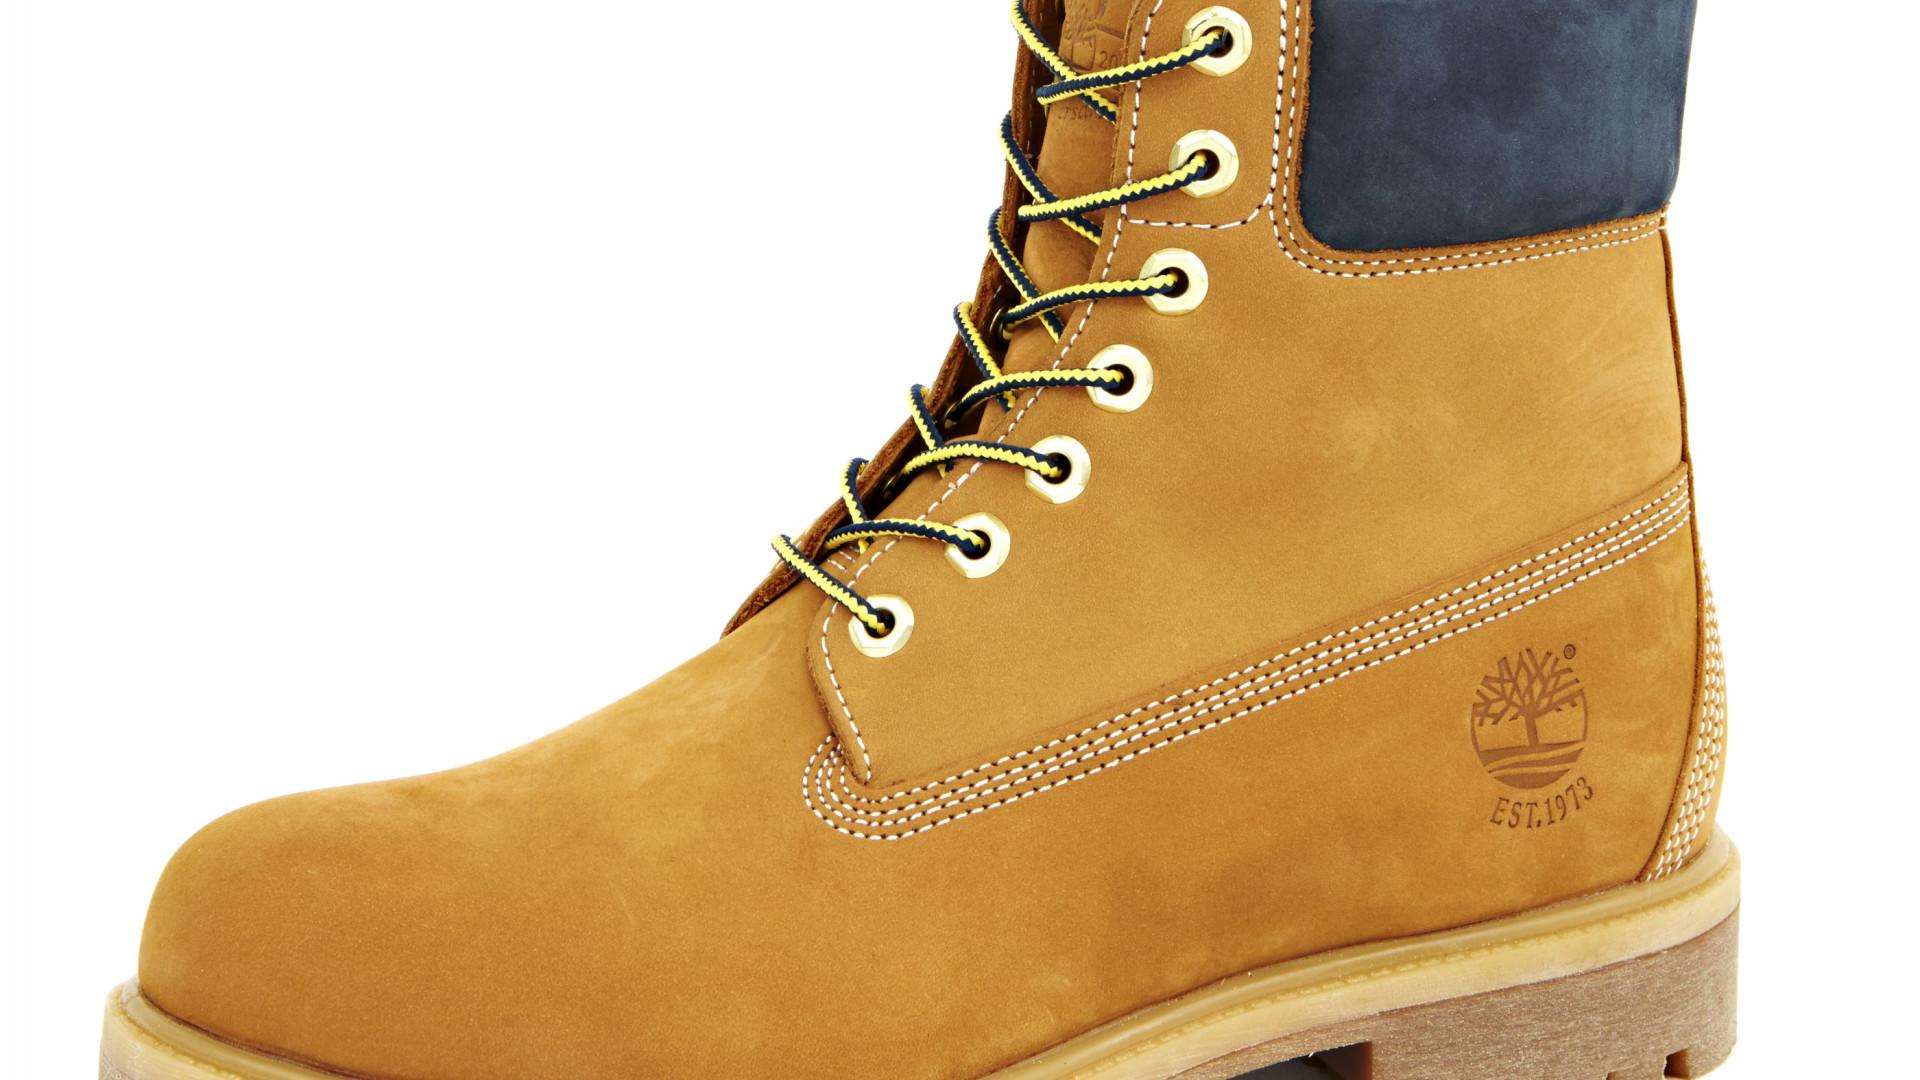 Timberland celebra 45 anos da icónica bota amarela